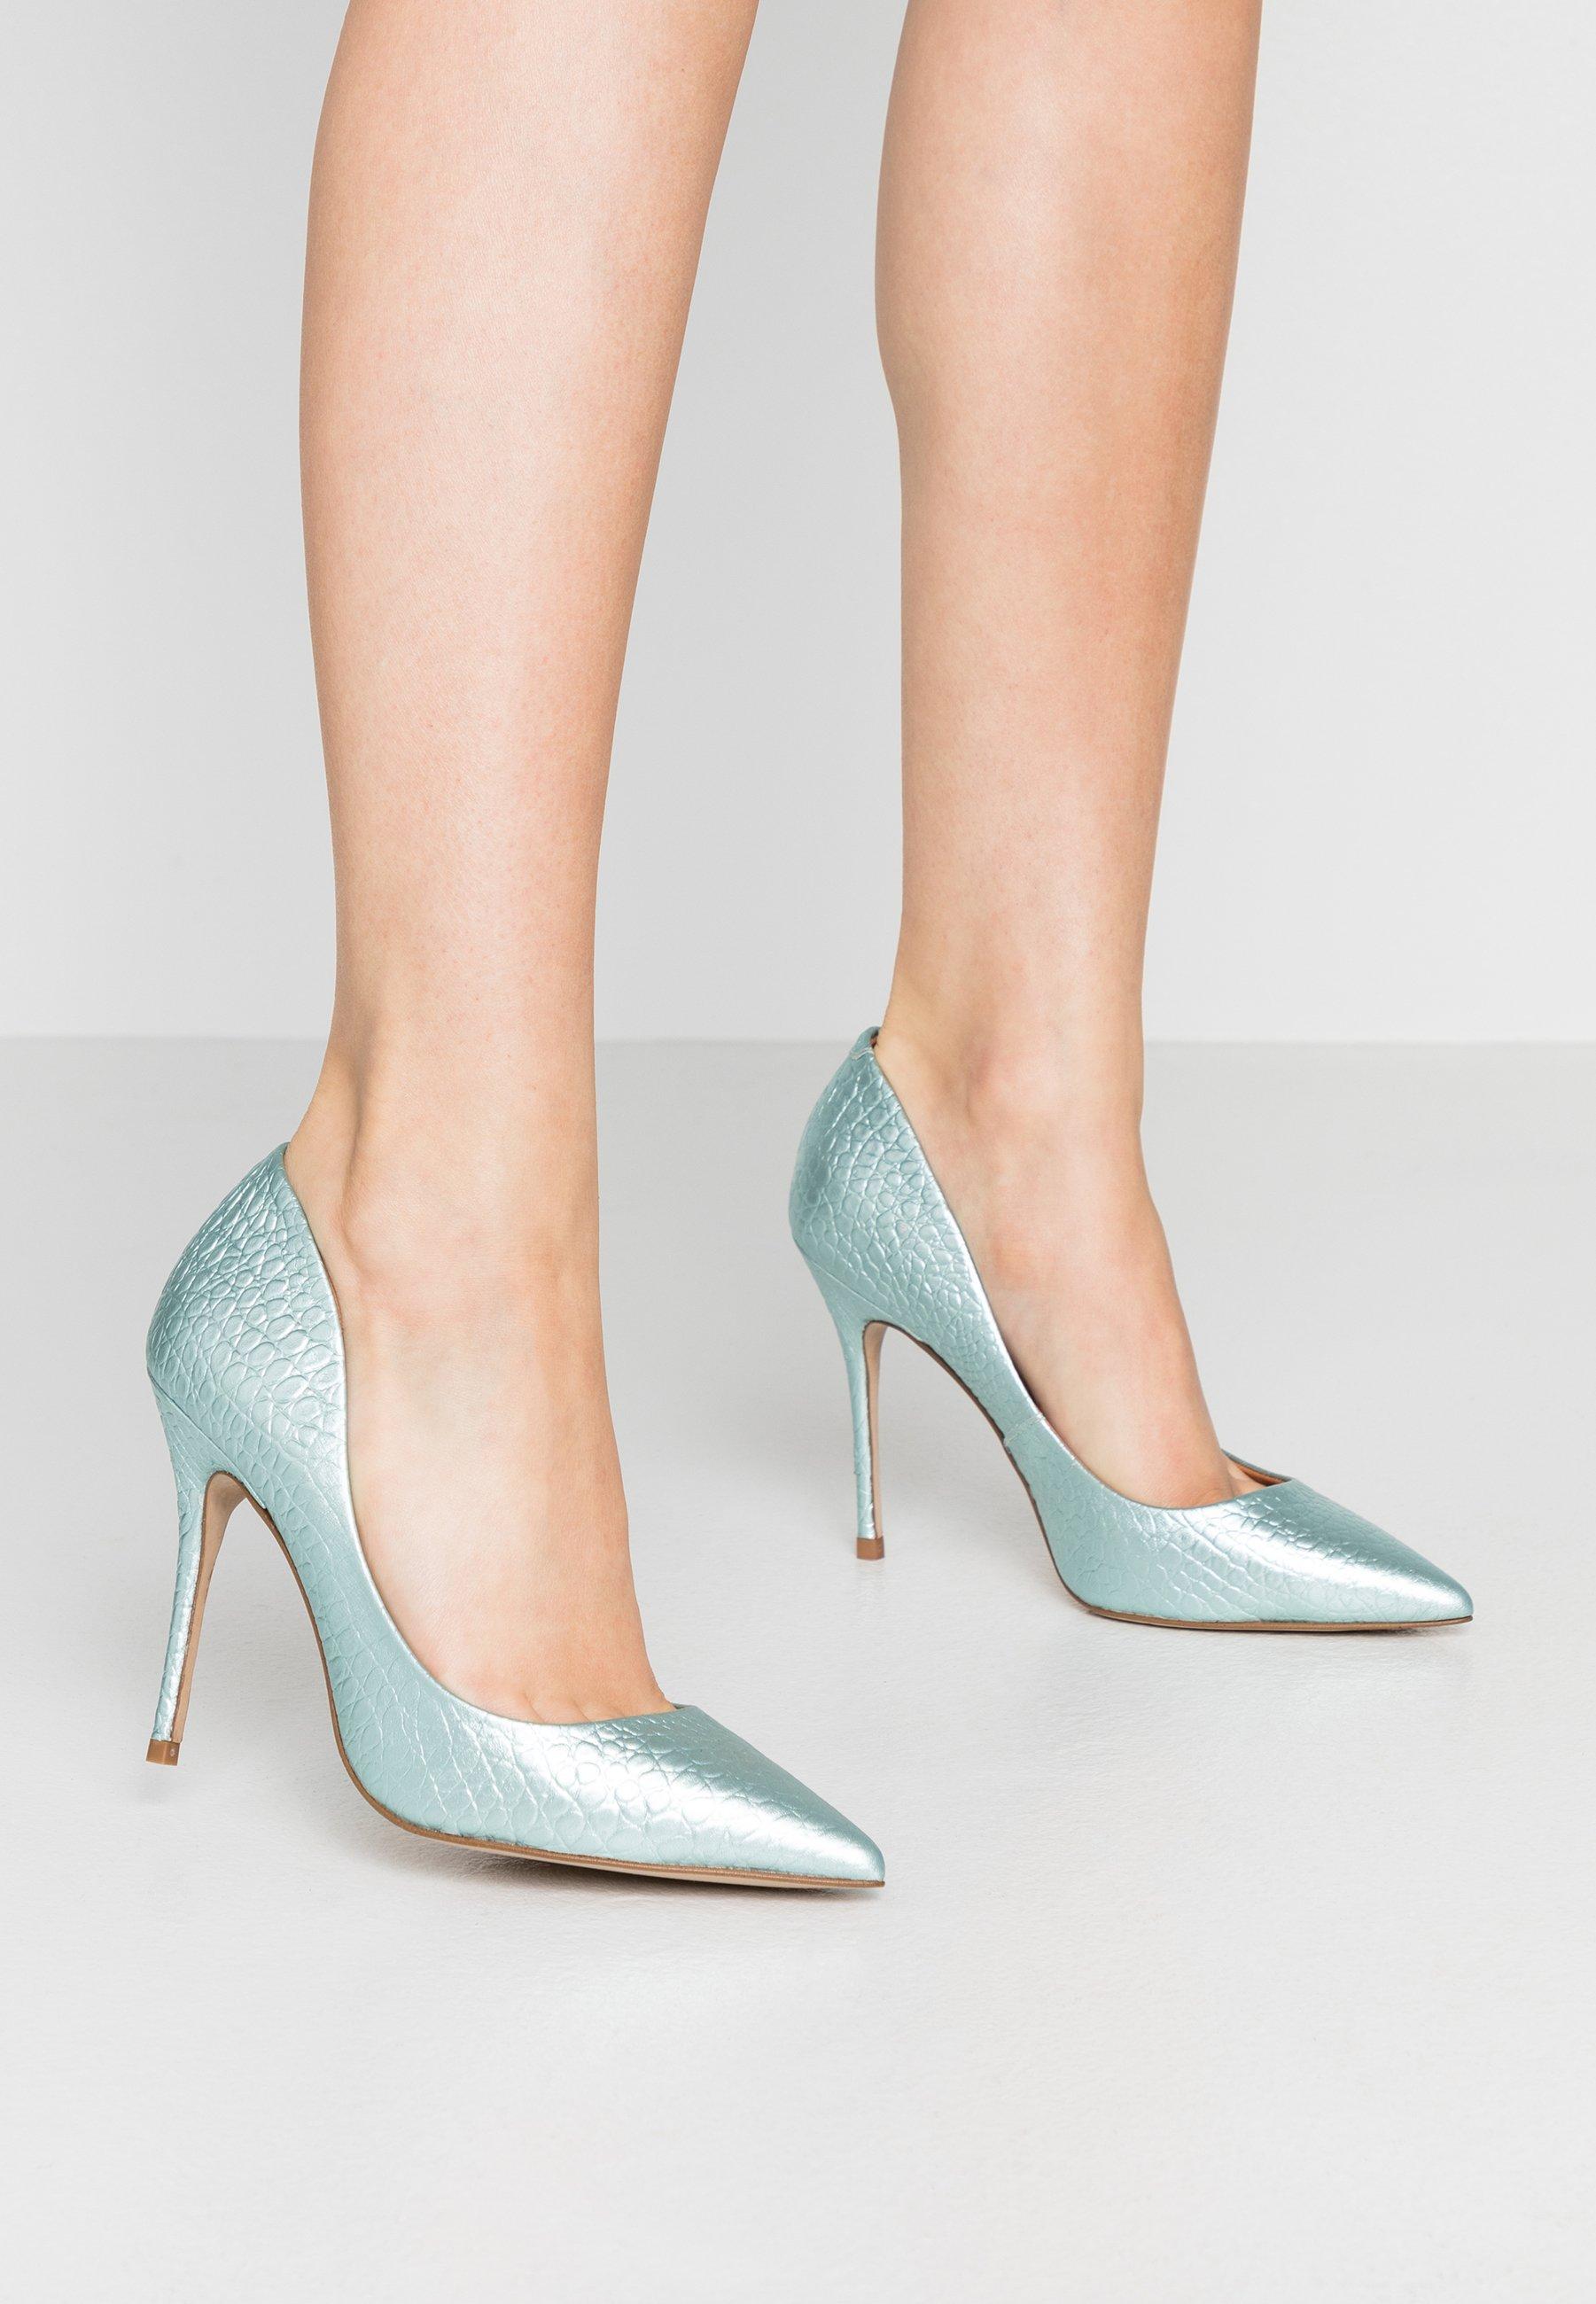 L'INTERVALLE TEEVA - Escarpins à talons hauts - yango lajara - Chaussures à talons femme Limité